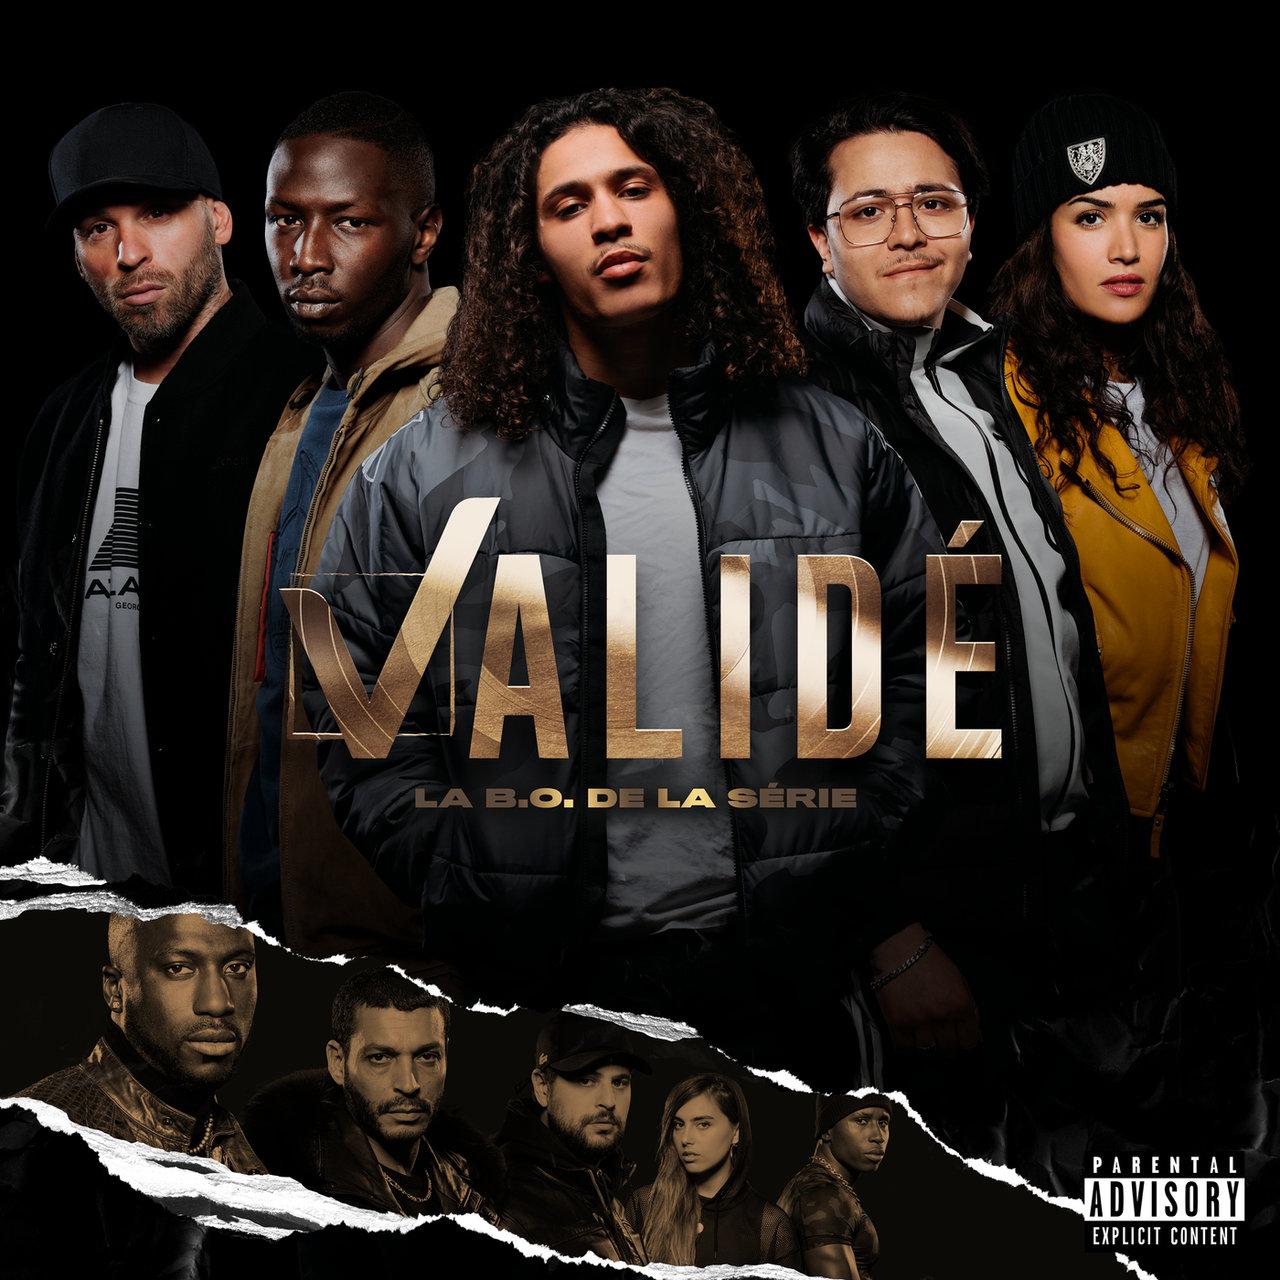 Validé (Cover)